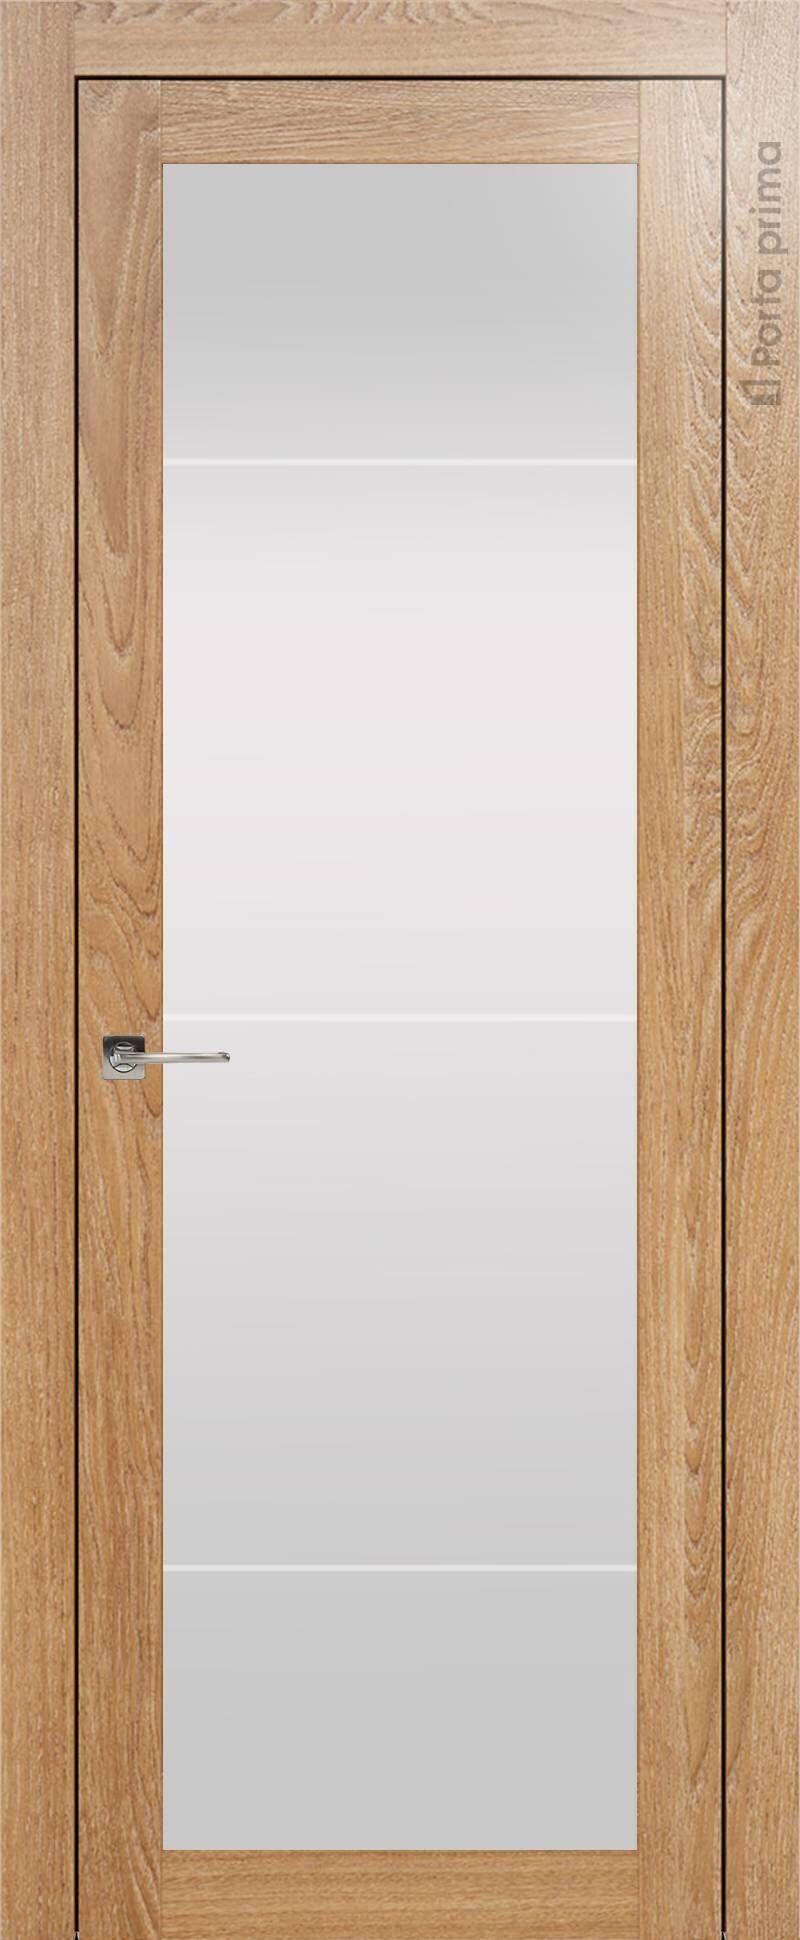 Tivoli З-3 цвет - Дуб капучино Со стеклом (ДО)